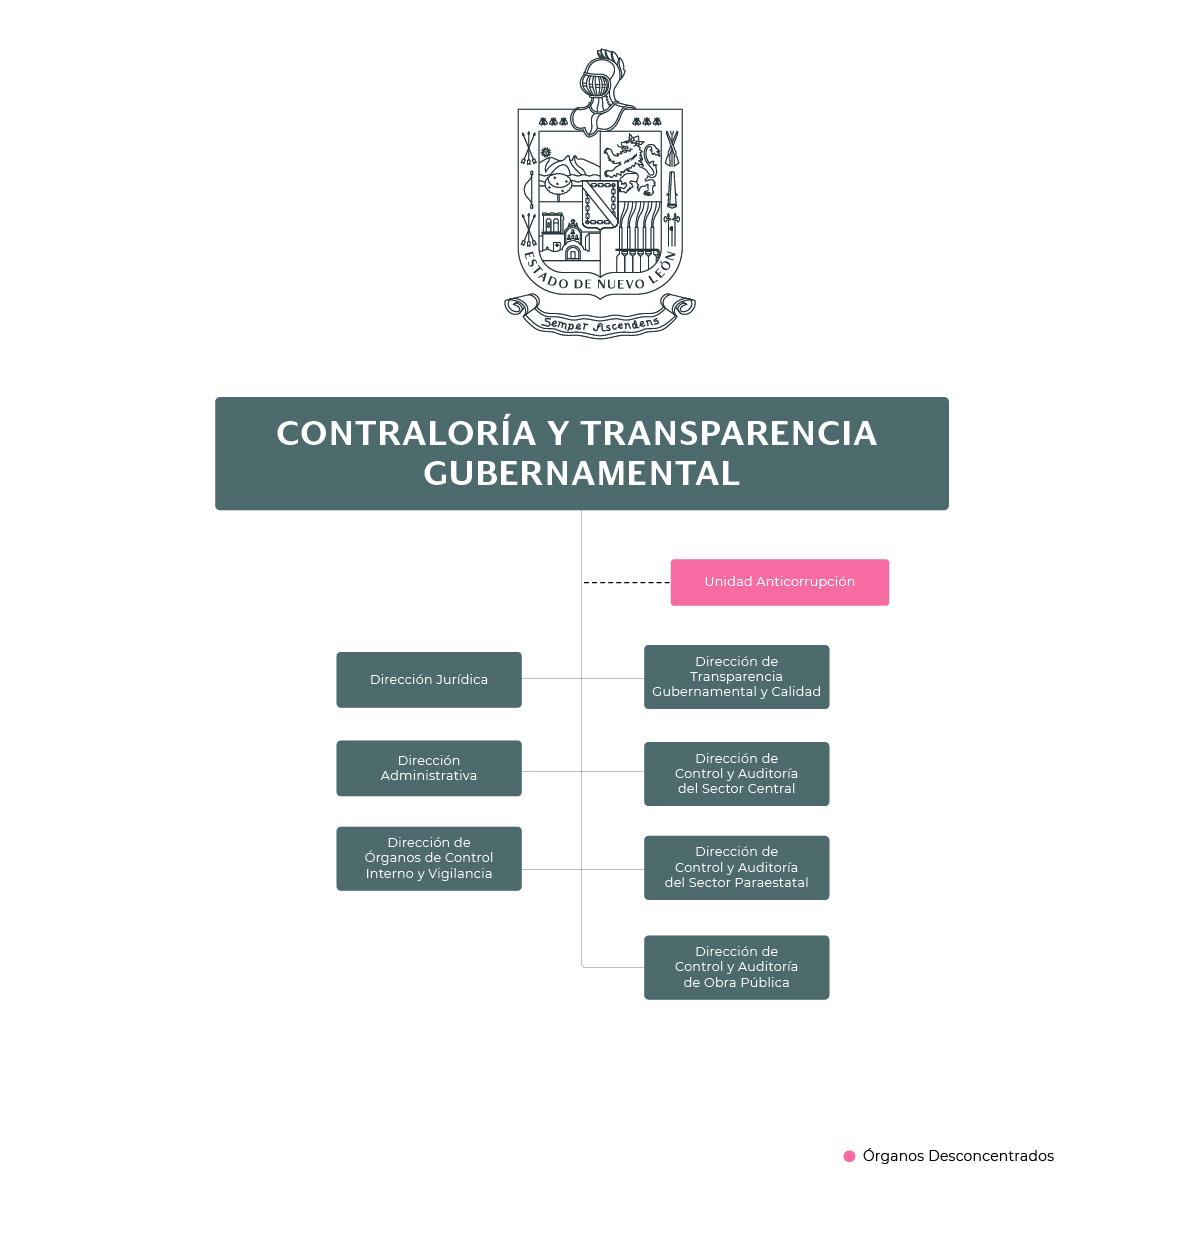 Organigrama de la Contraloría y Transparencia Gubernamental